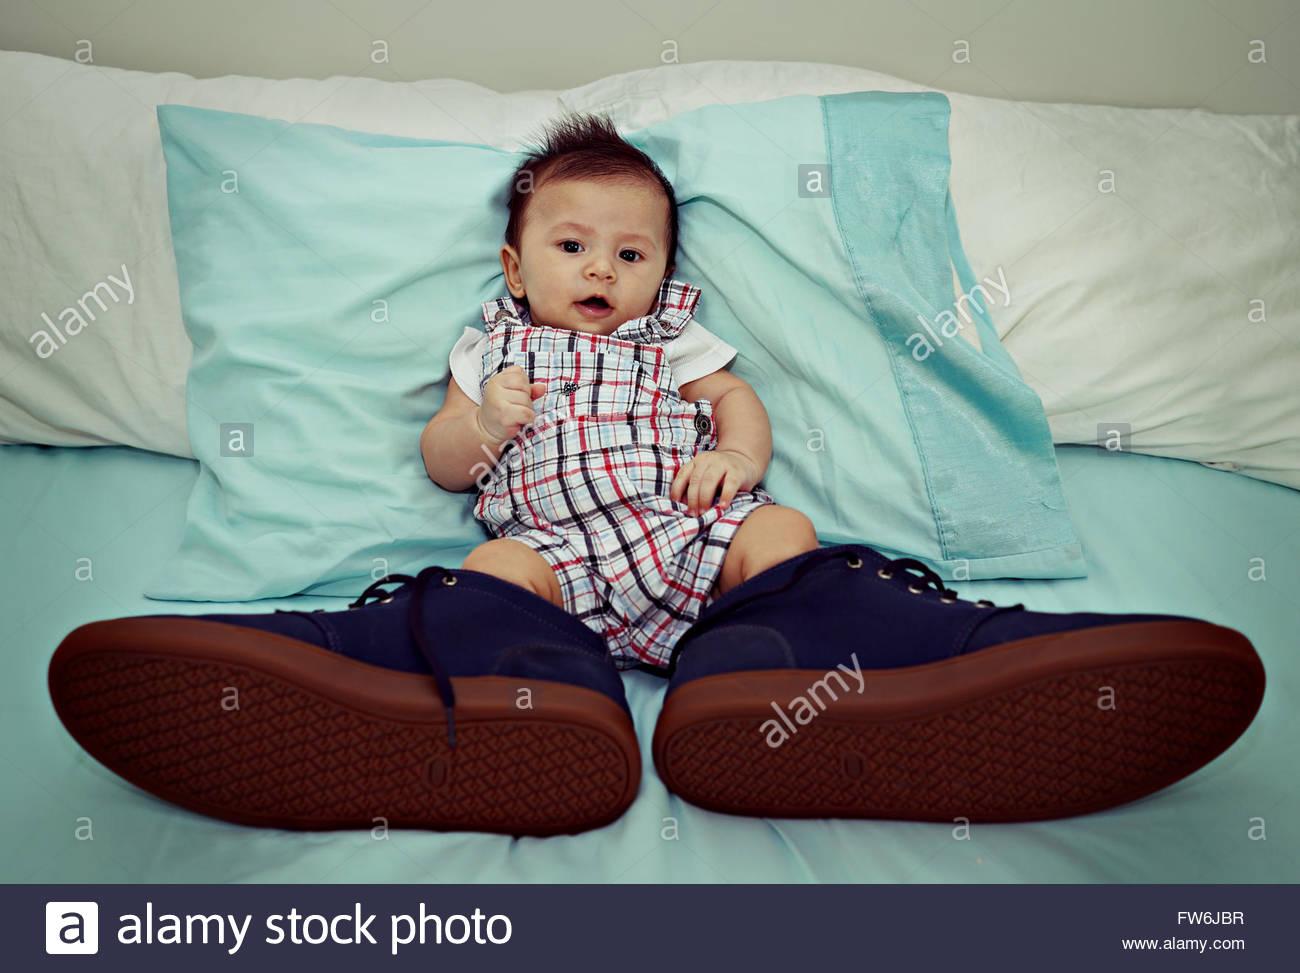 Bambino asiatico indossando scarpe di grandi dimensioni sul letto Immagini Stock